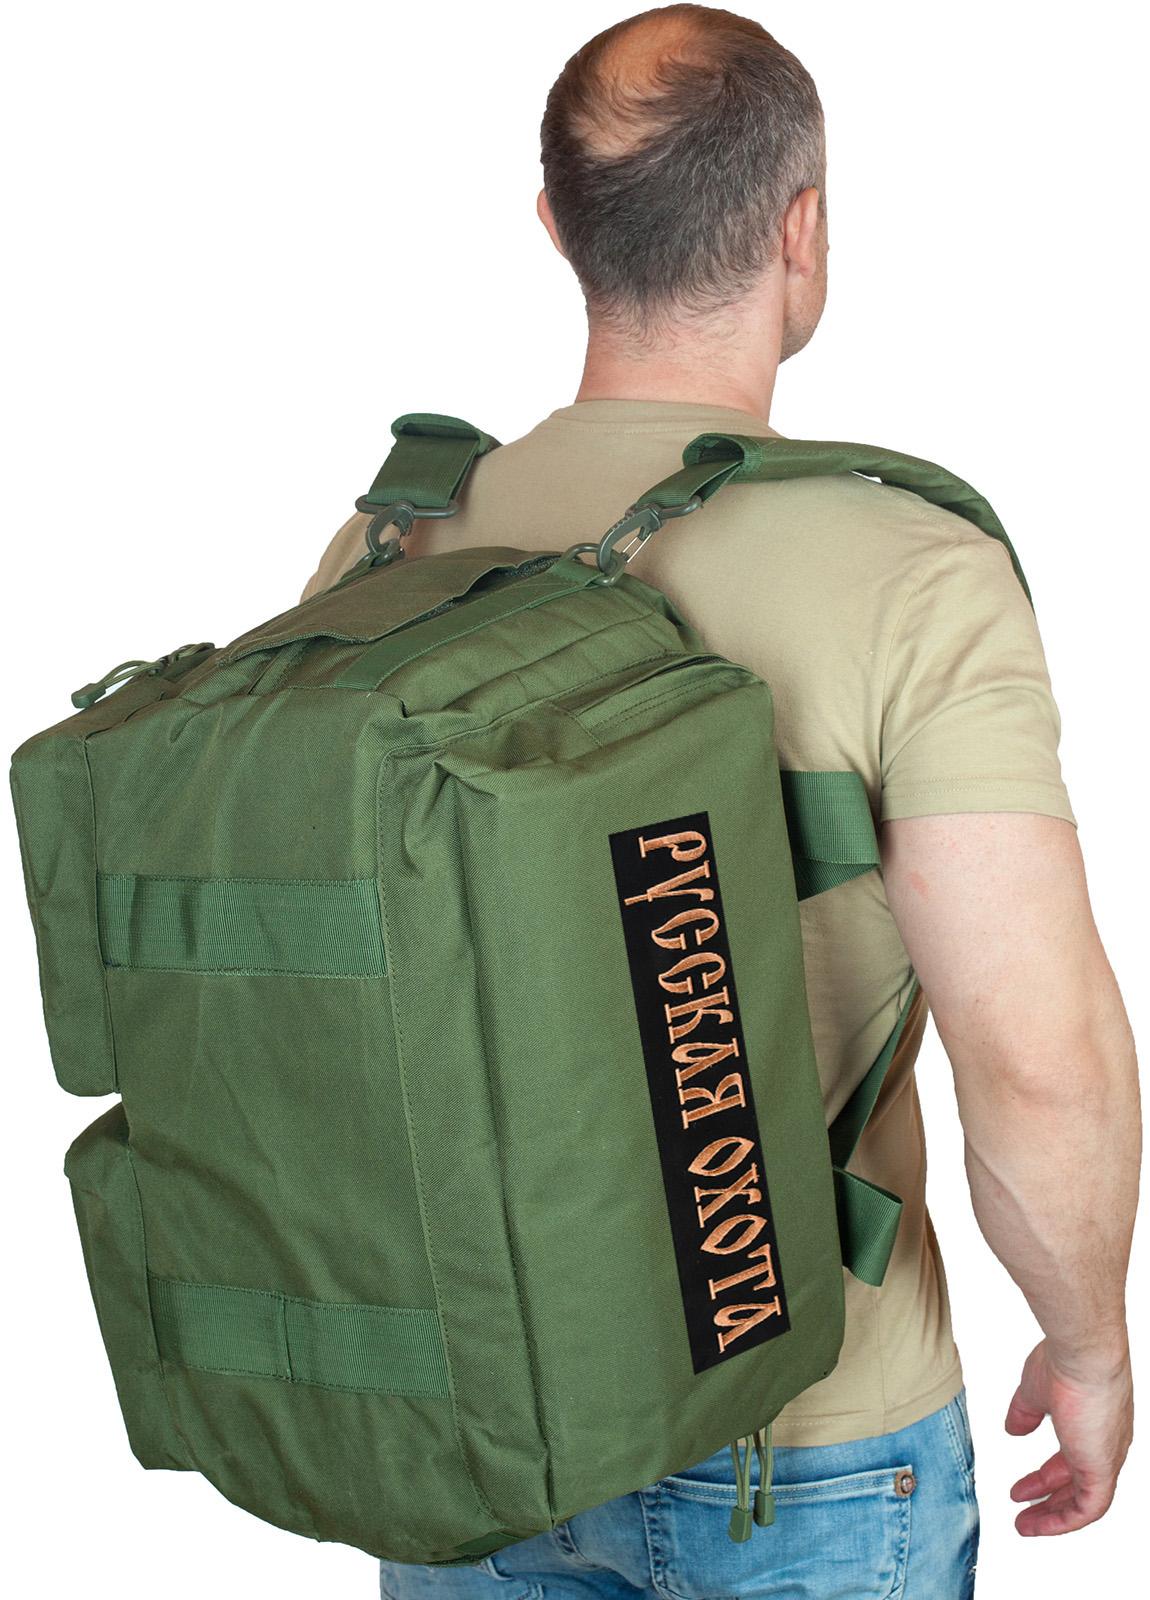 Купить походную сумку-рюкзак с нашивкой Русская Охота оптом или в розницу